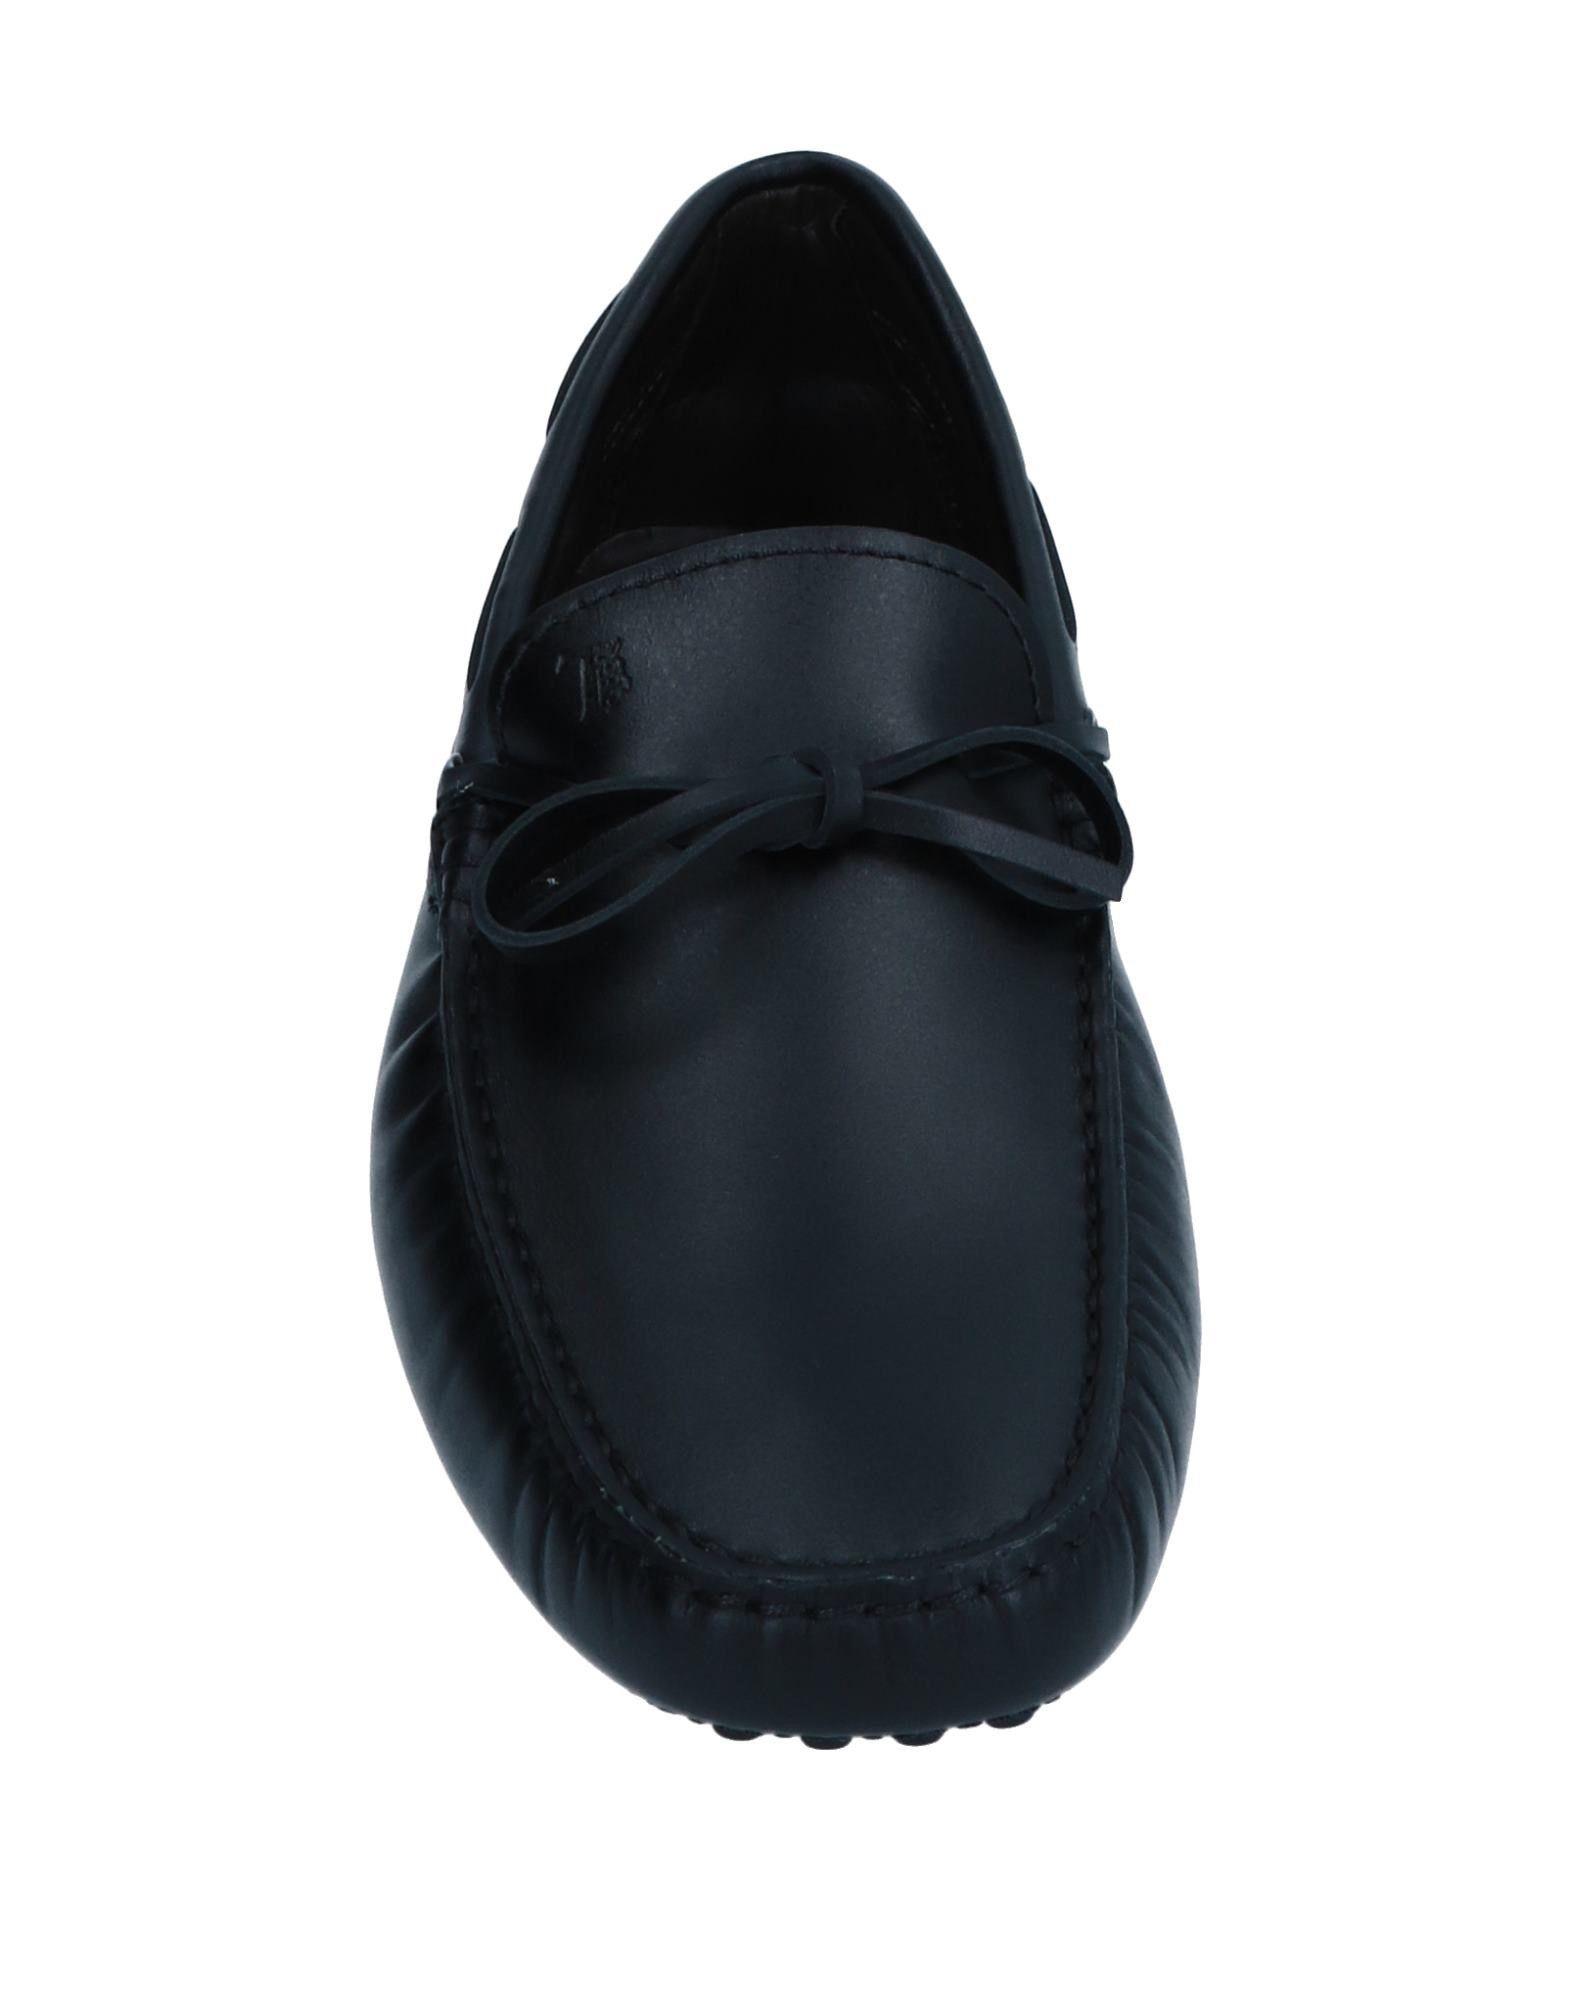 Tod's Mokassins Gute Herren  11548429XK Gute Mokassins Qualität beliebte Schuhe 245310